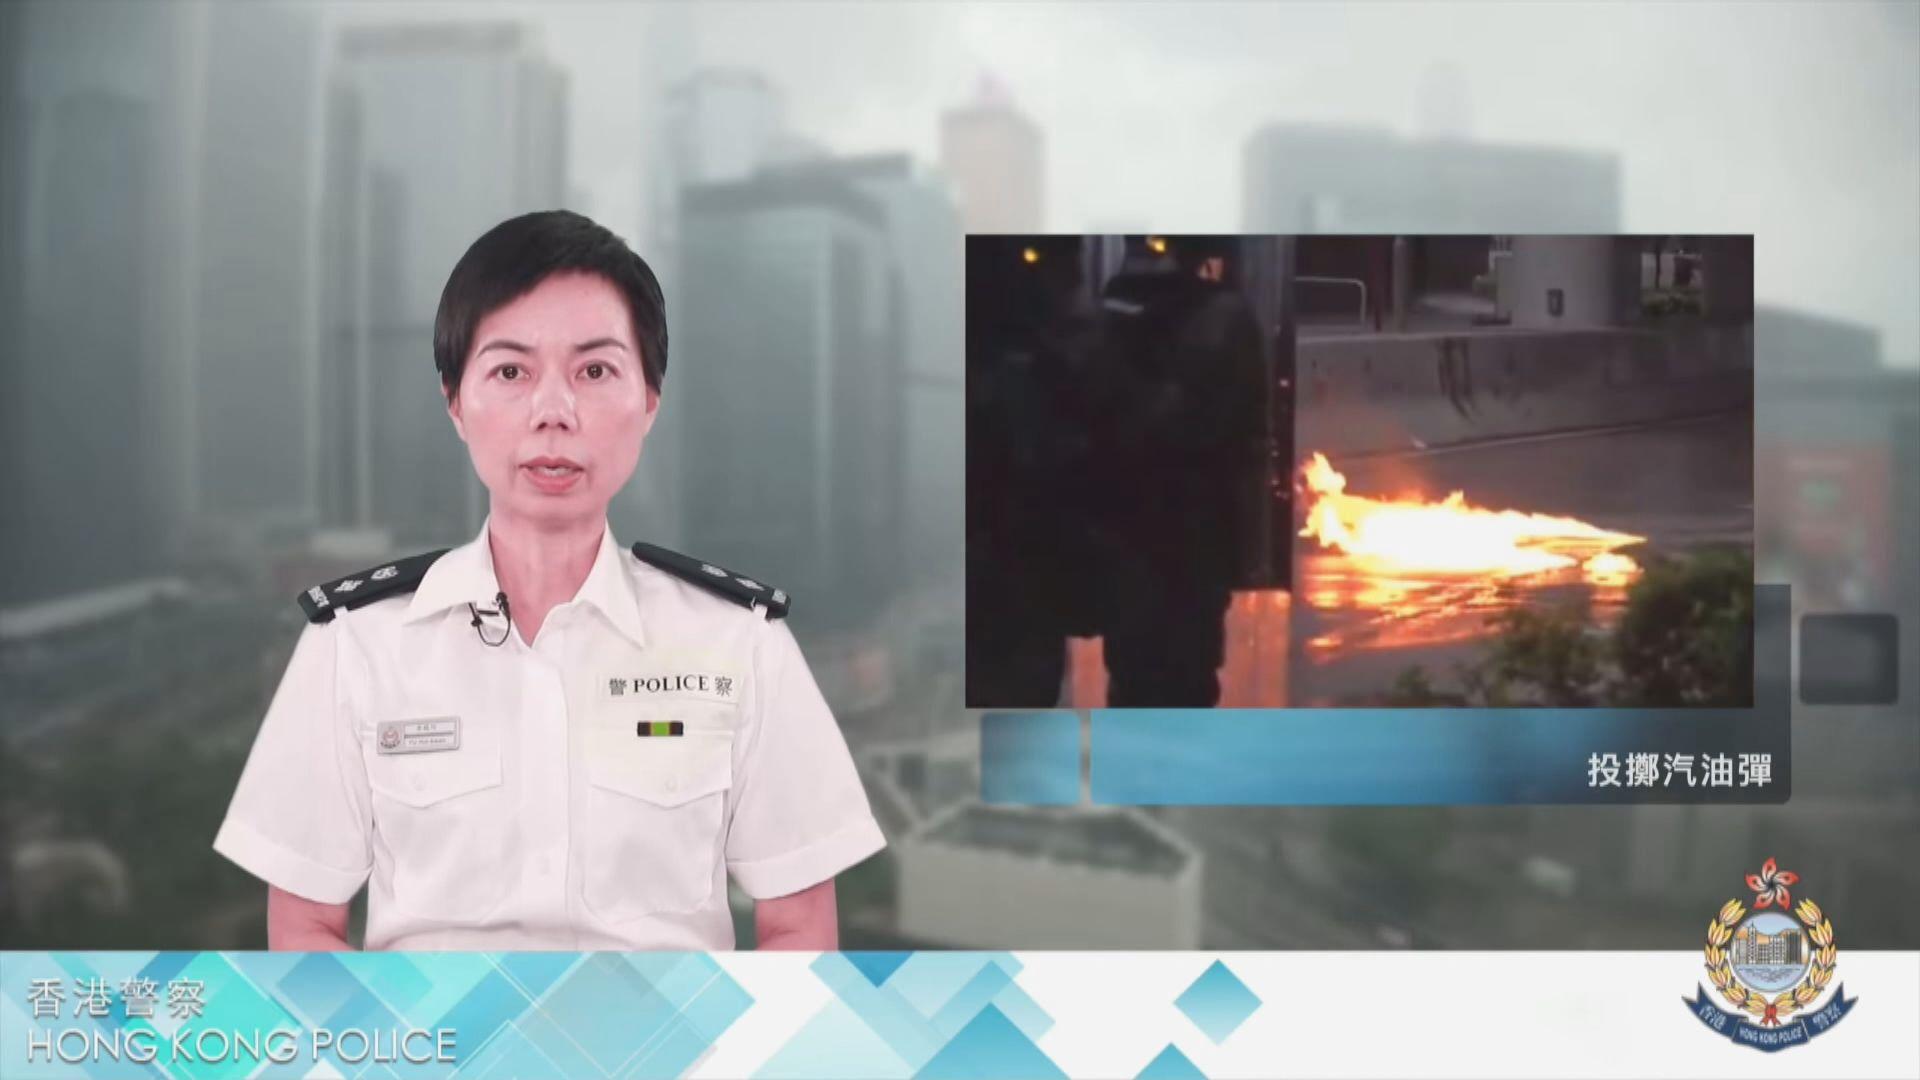 警方嚴厲譴責示威者破壞社會安寧